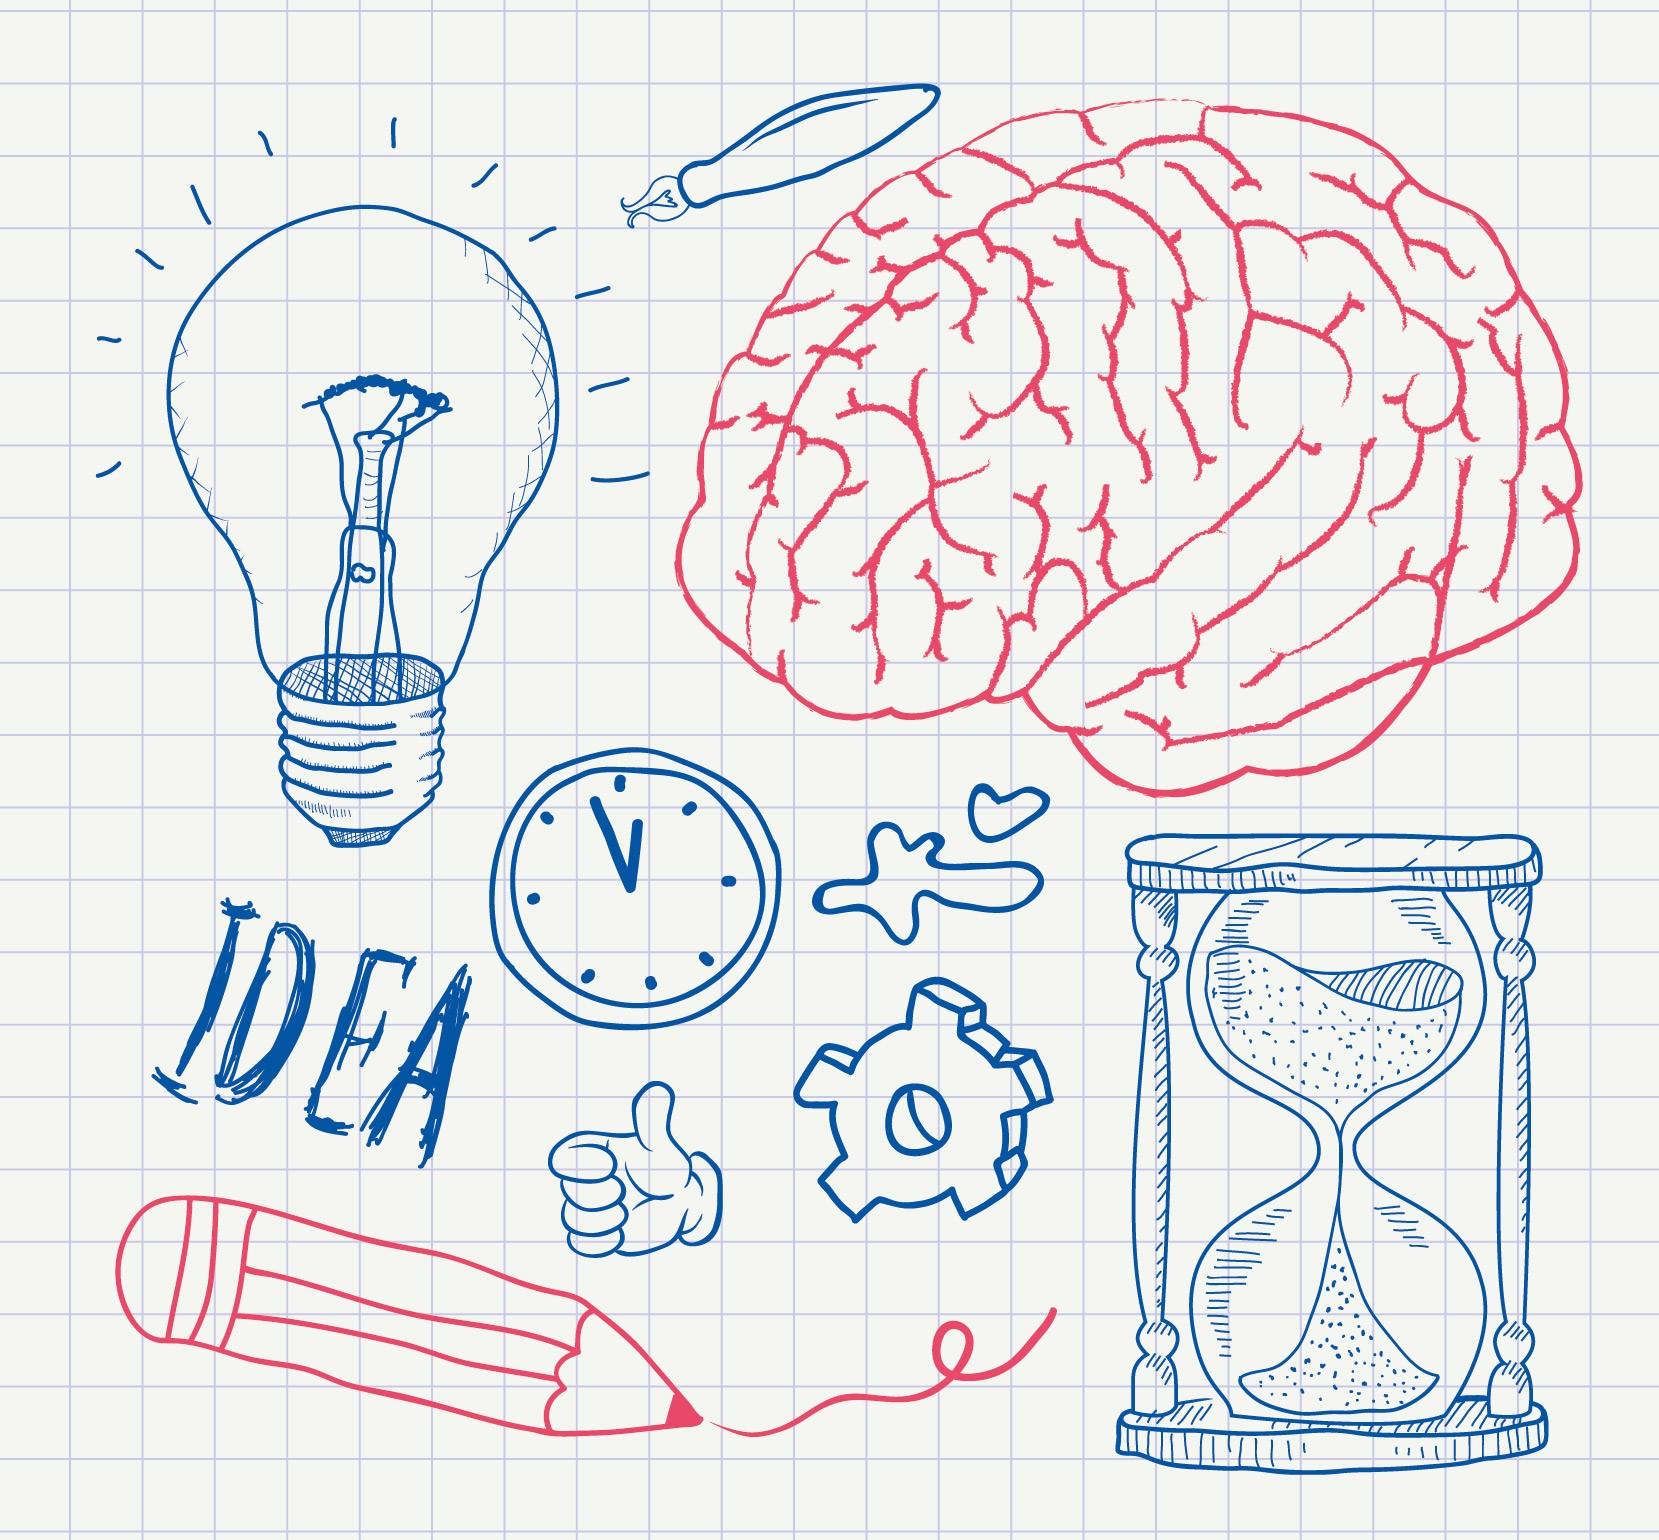 A aprendizagem contínua melhora a saúde do cérebro